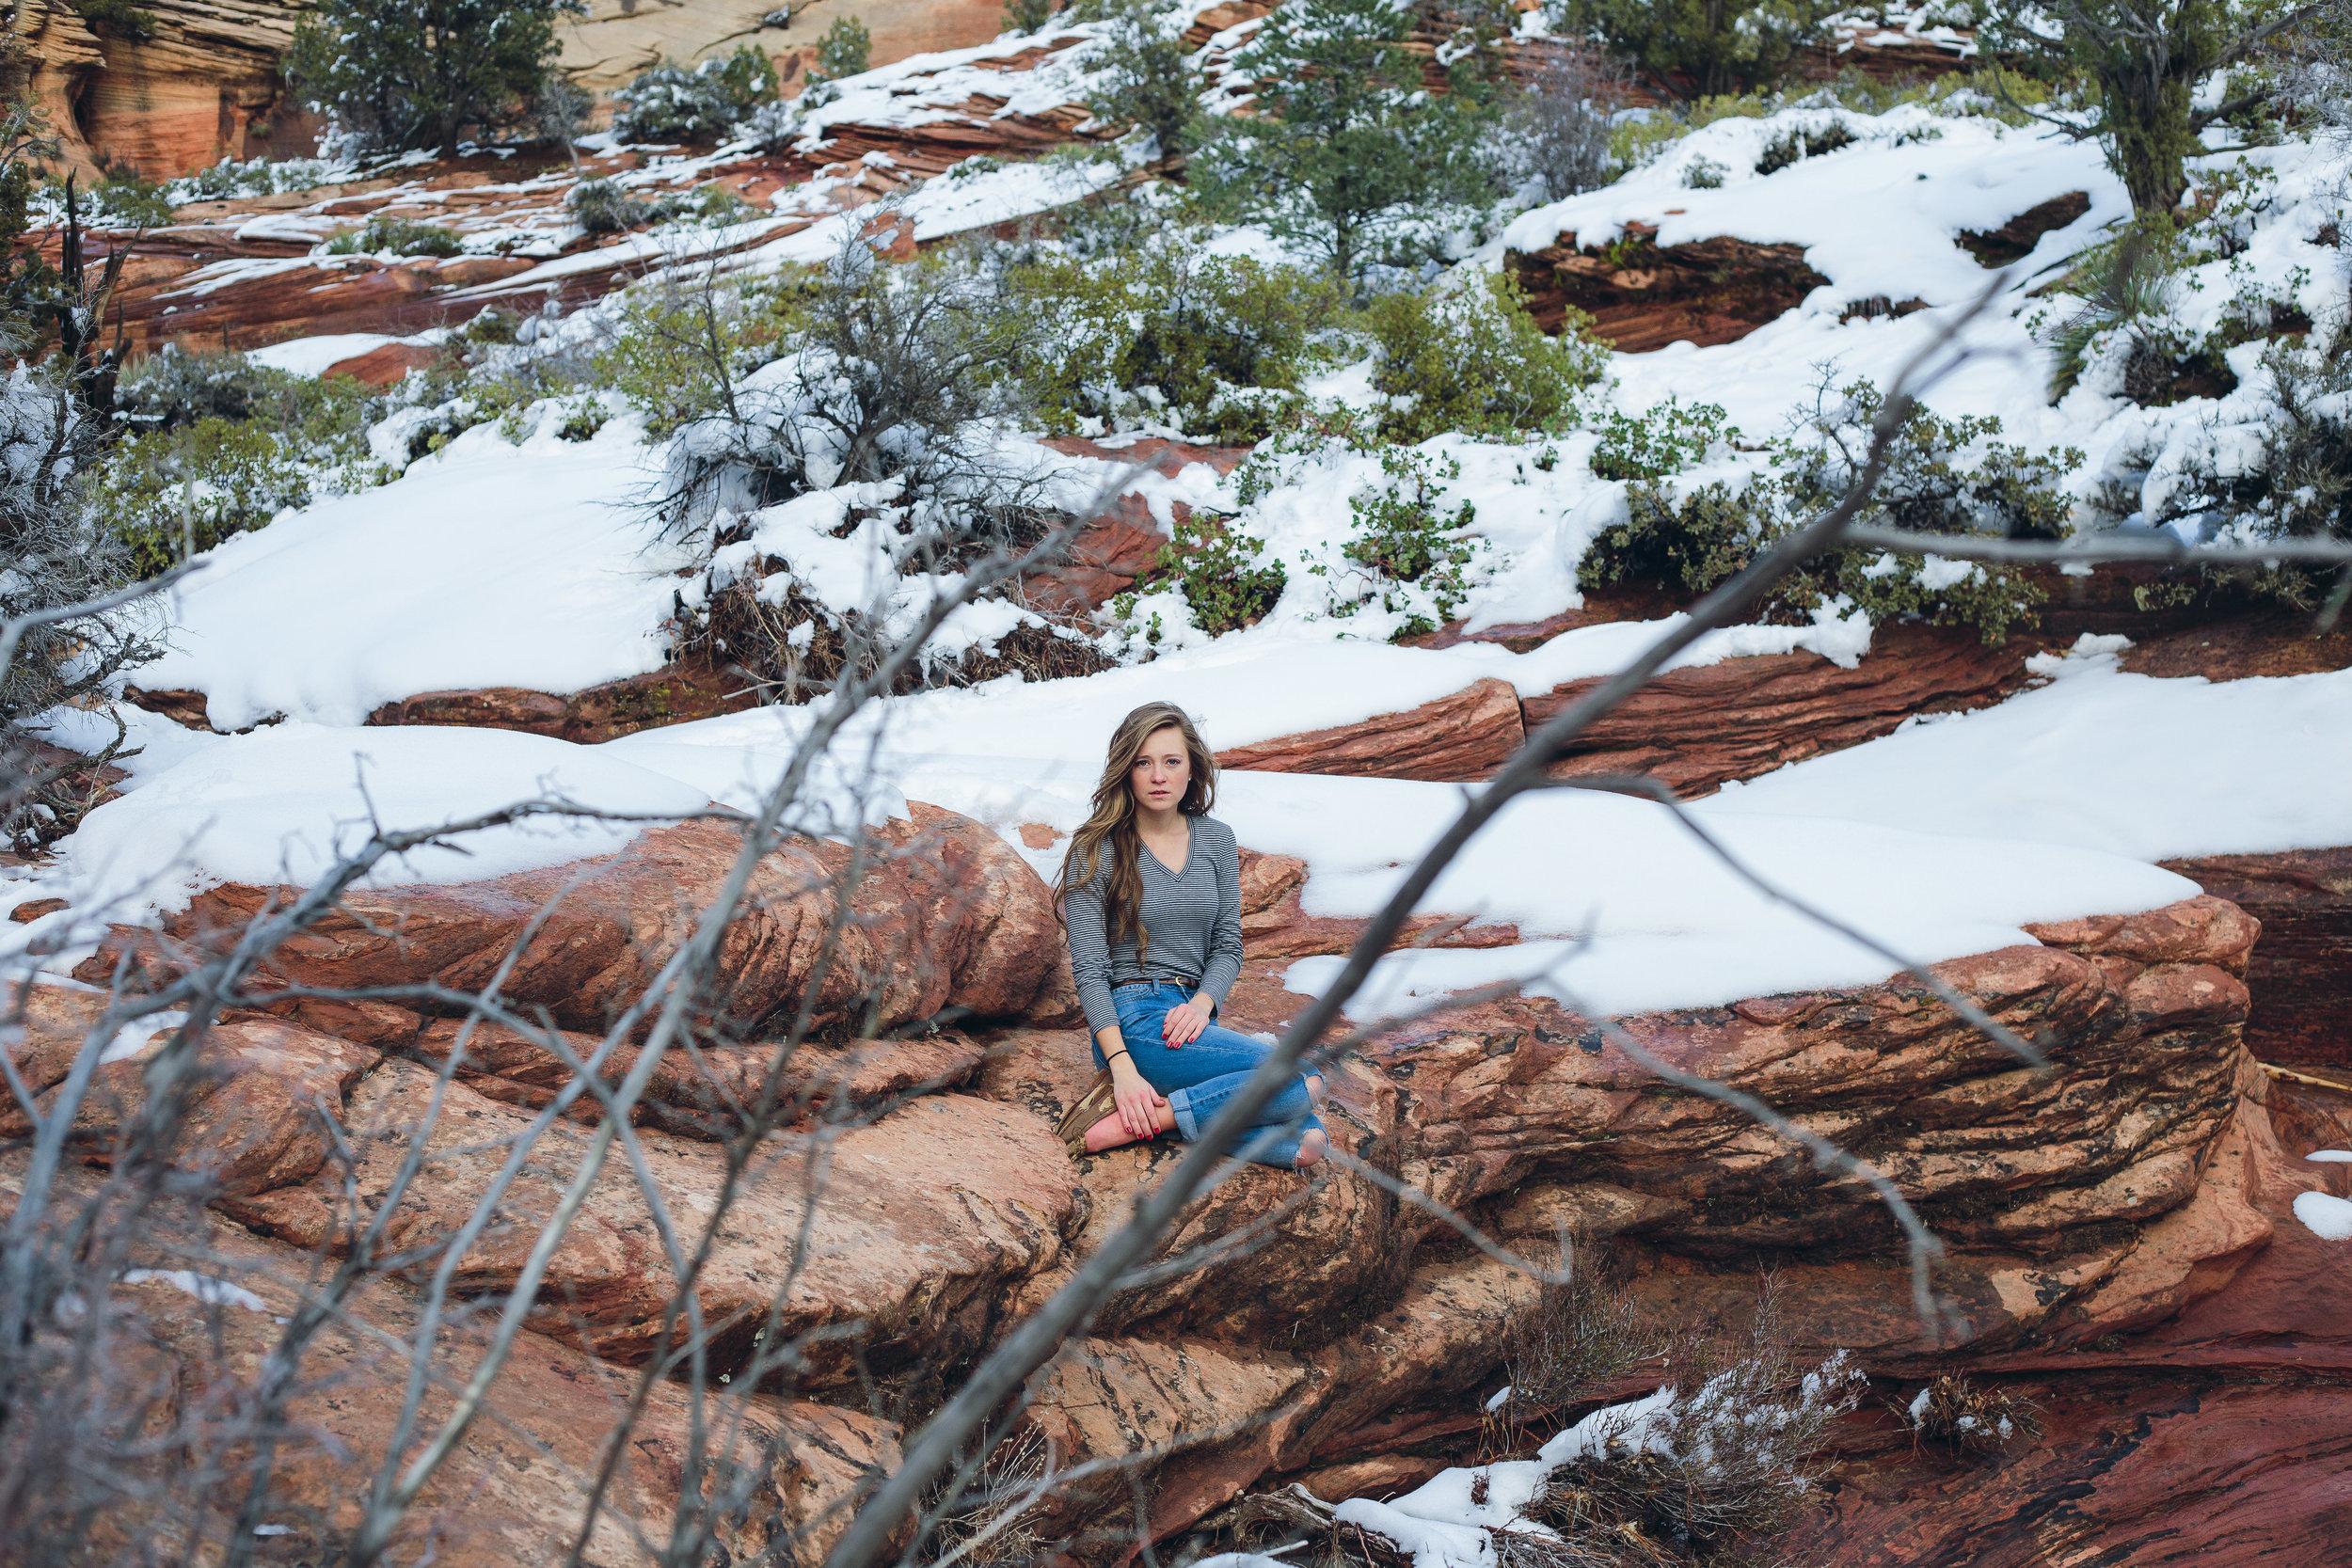 Zion National Park model portrait photography